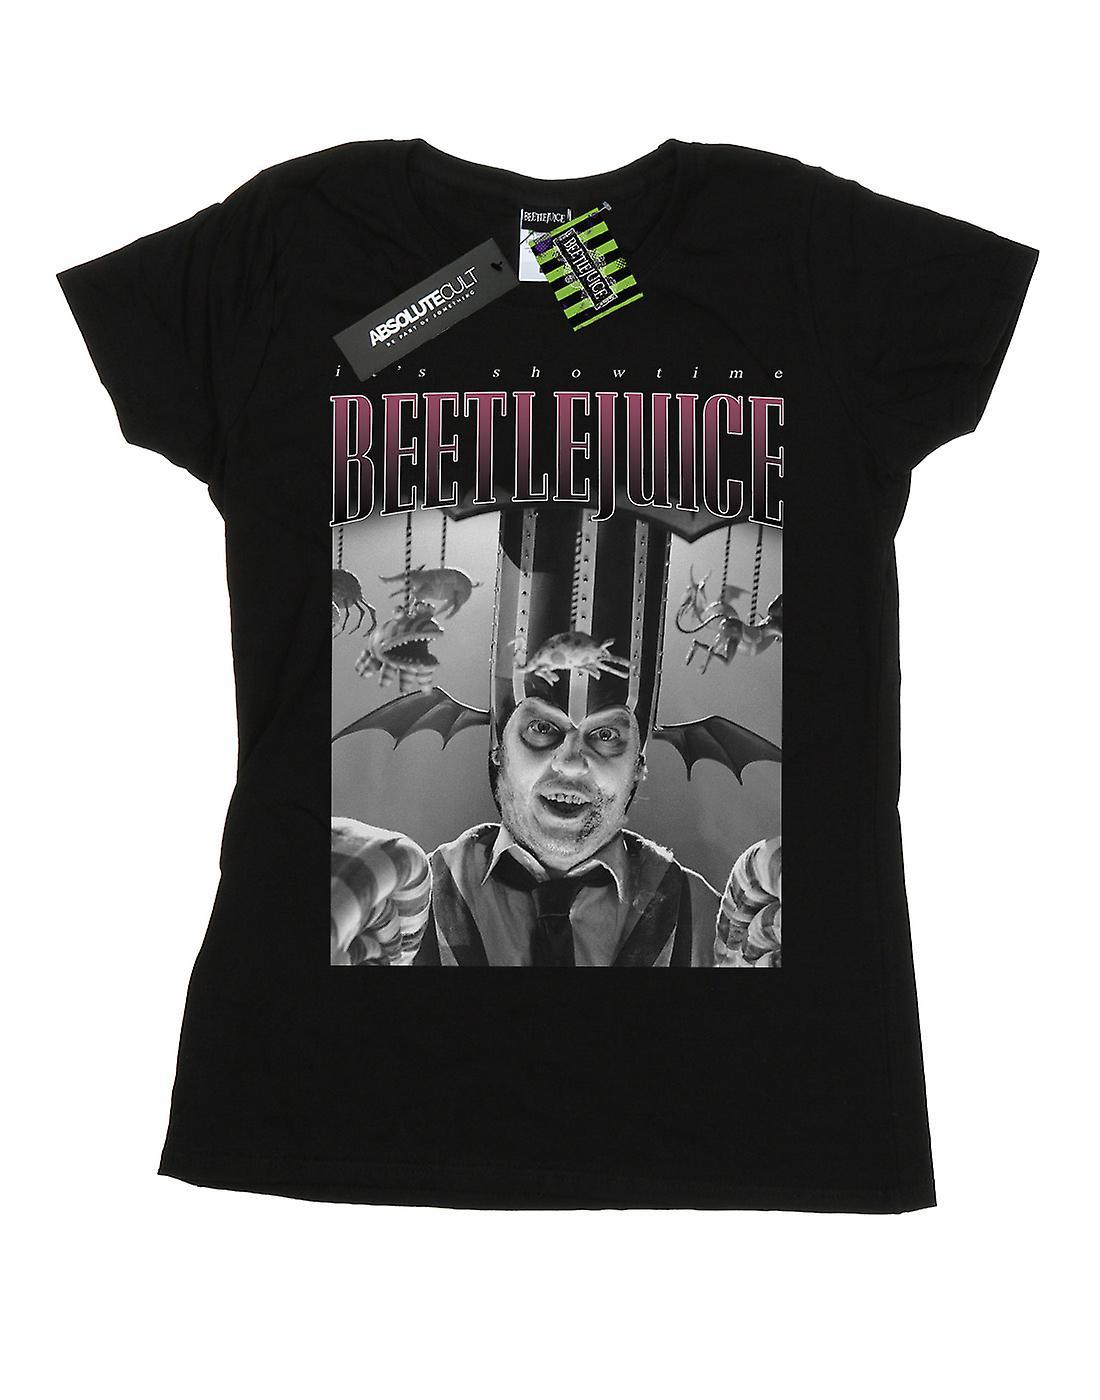 Beetlejuice Women's Circus Homage T-Shirt